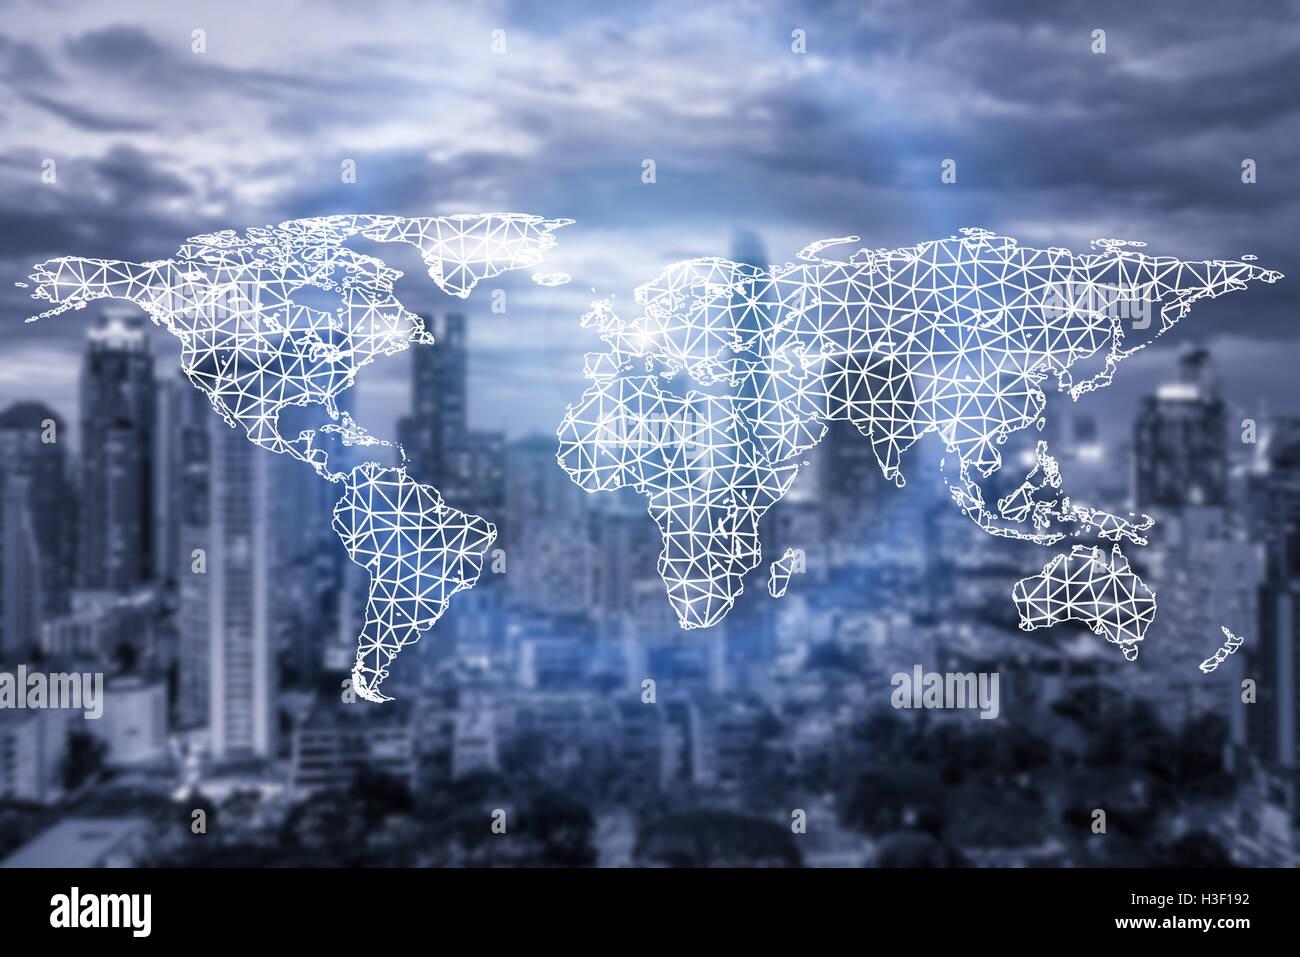 La connessione di rete e di partenariato mappa del mondo con la città in connessione background.Network concetto Immagini Stock